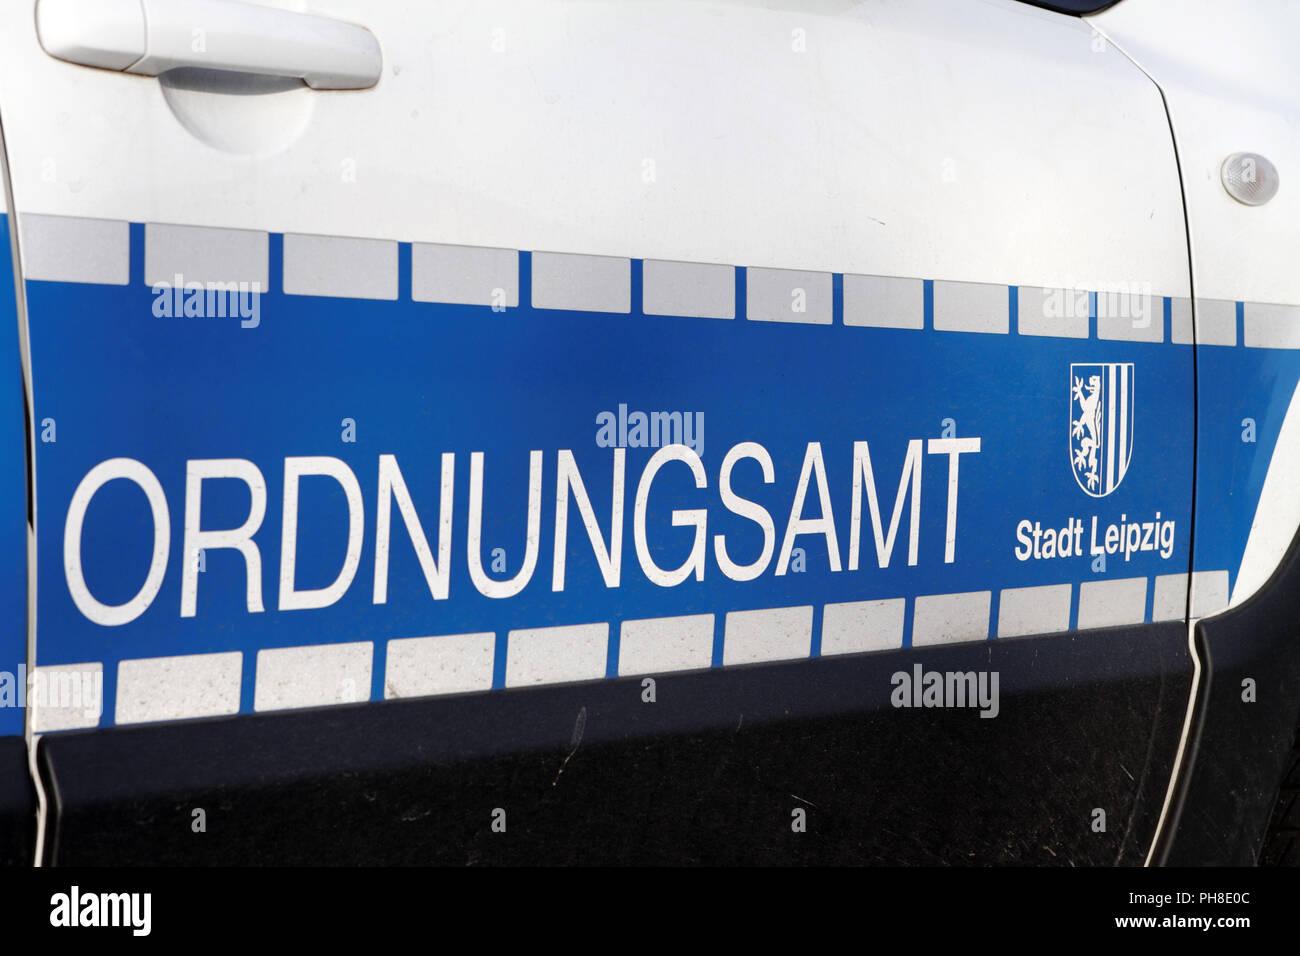 Beschriftung an einem Kraftfahrzeug der Stadtverwaltung Leipzig. - Stock Image